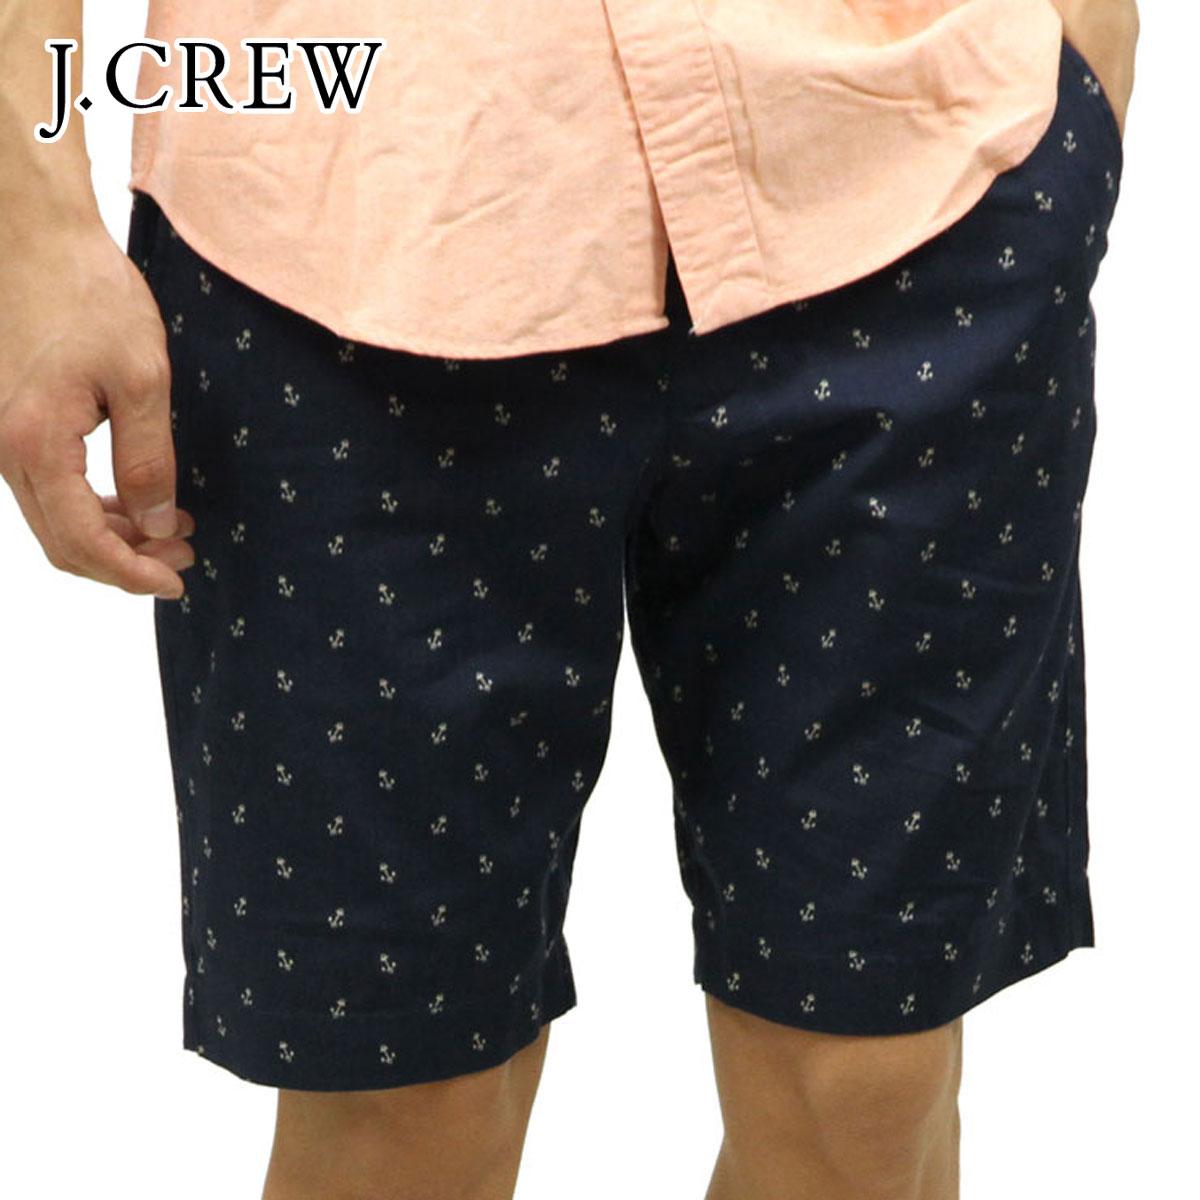 ジェイクルー ショートパンツ メンズ 正規品 J.CREW ボトムス 9